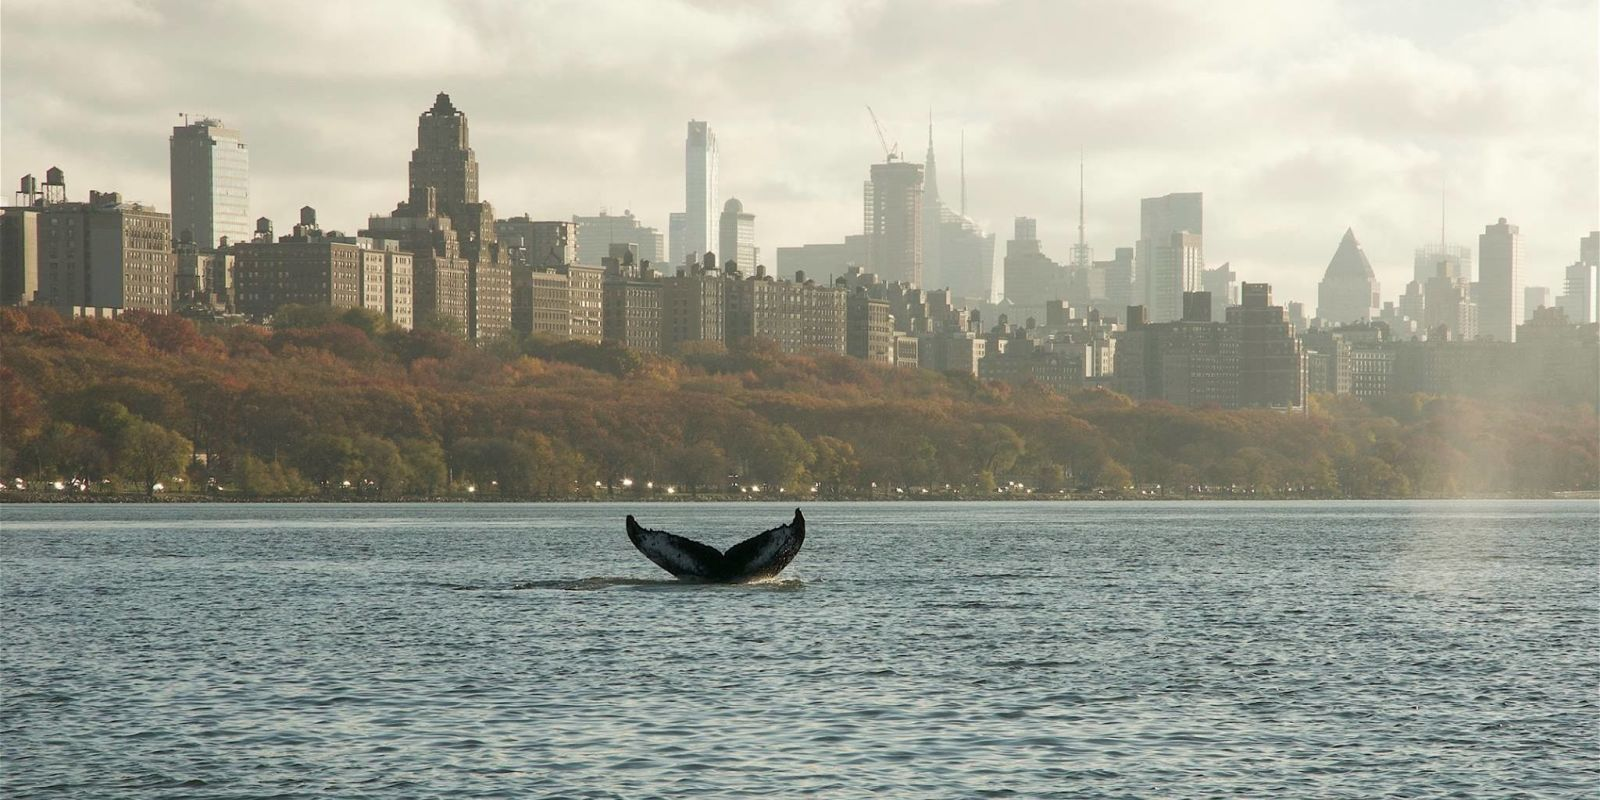 Hudson Whale